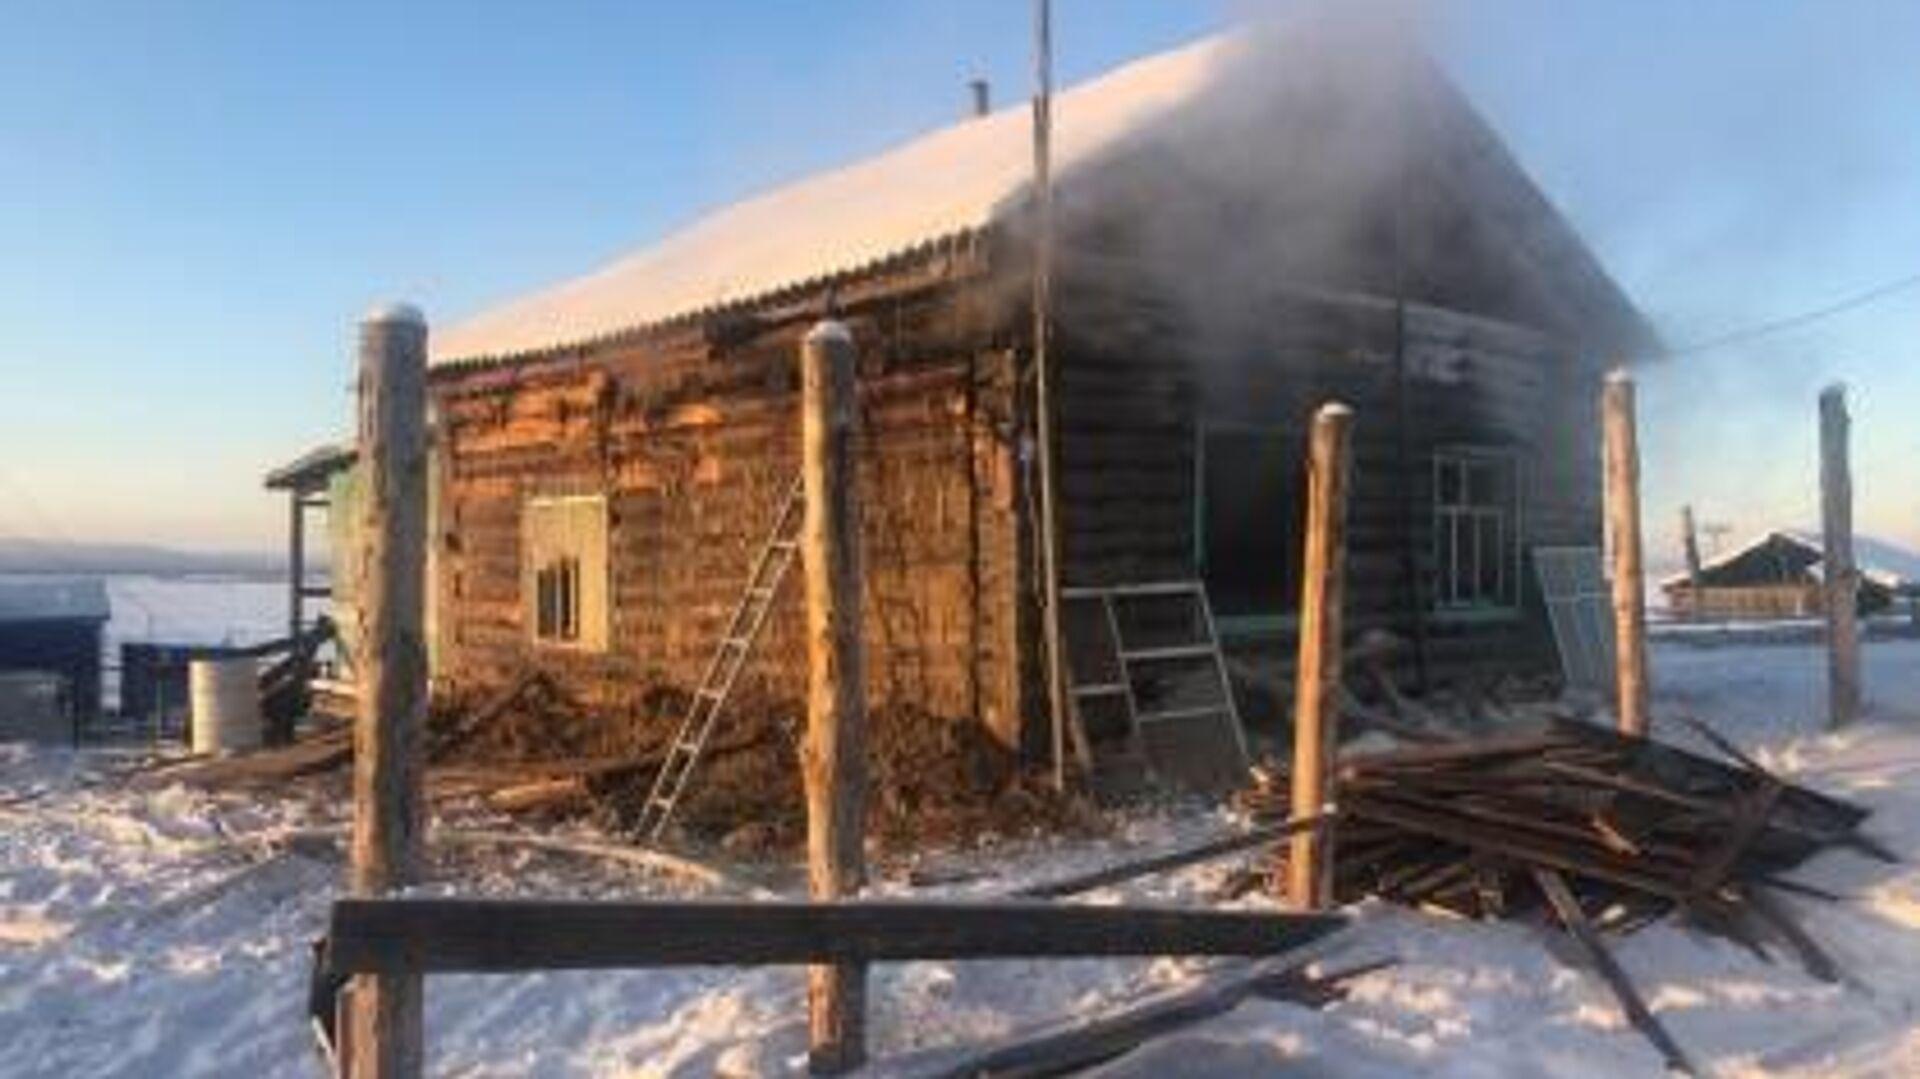 На месте пожара в Амгинском районе Якутии - РИА Новости, 1920, 05.11.2020